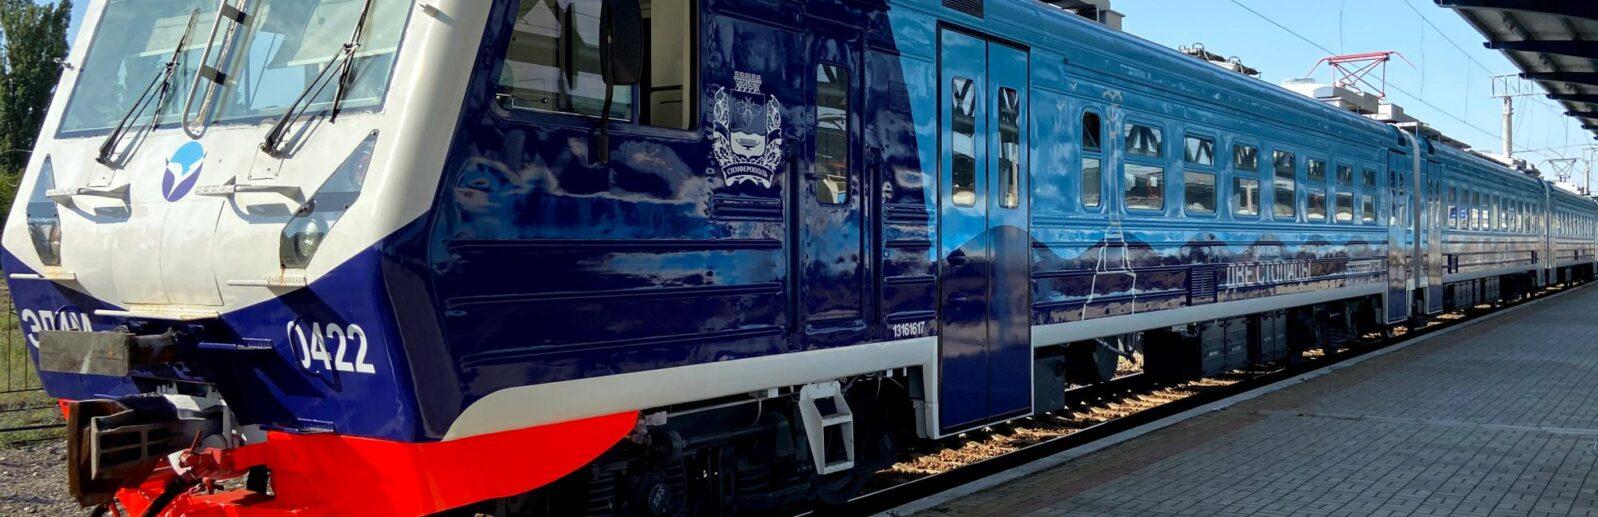 Две столицы поезд в Крыму